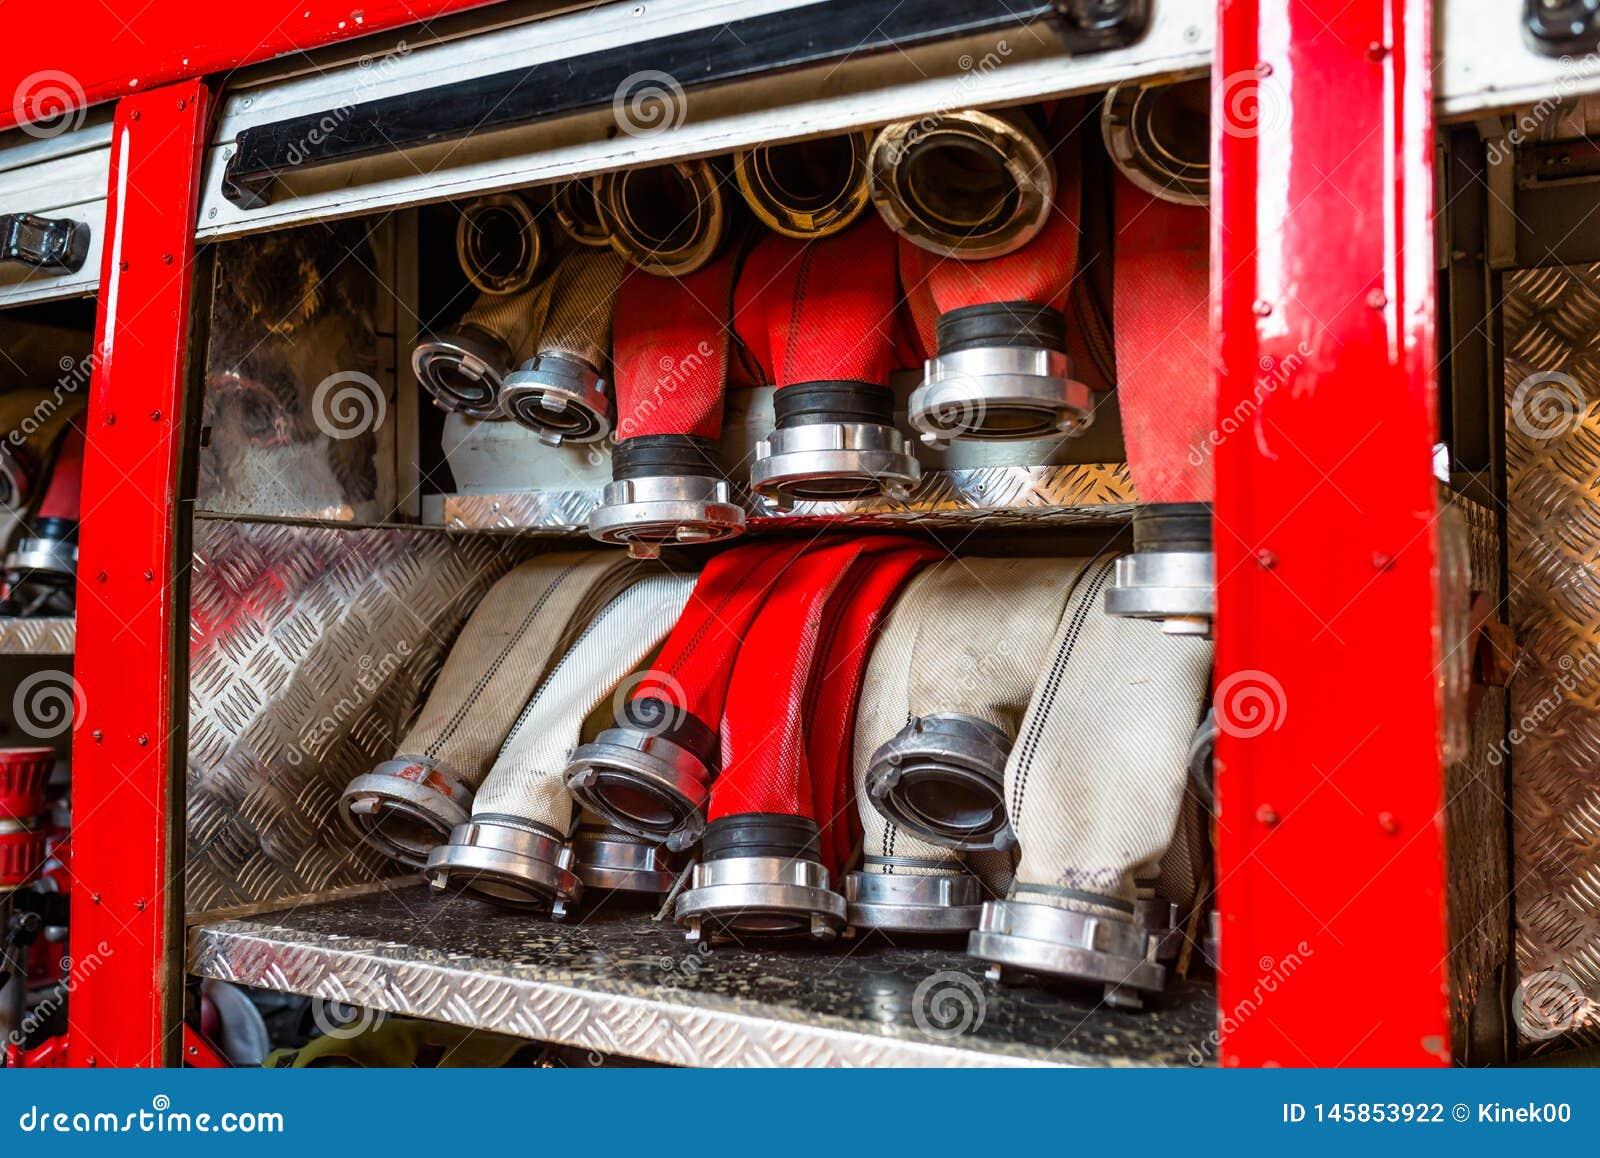 Κυλημένες μάνικες πυρκαγιάς, που τακτοποιούνται στις σειρές, στο διαμέρισμα γαντιών του πυροσβεστικού οχήματος